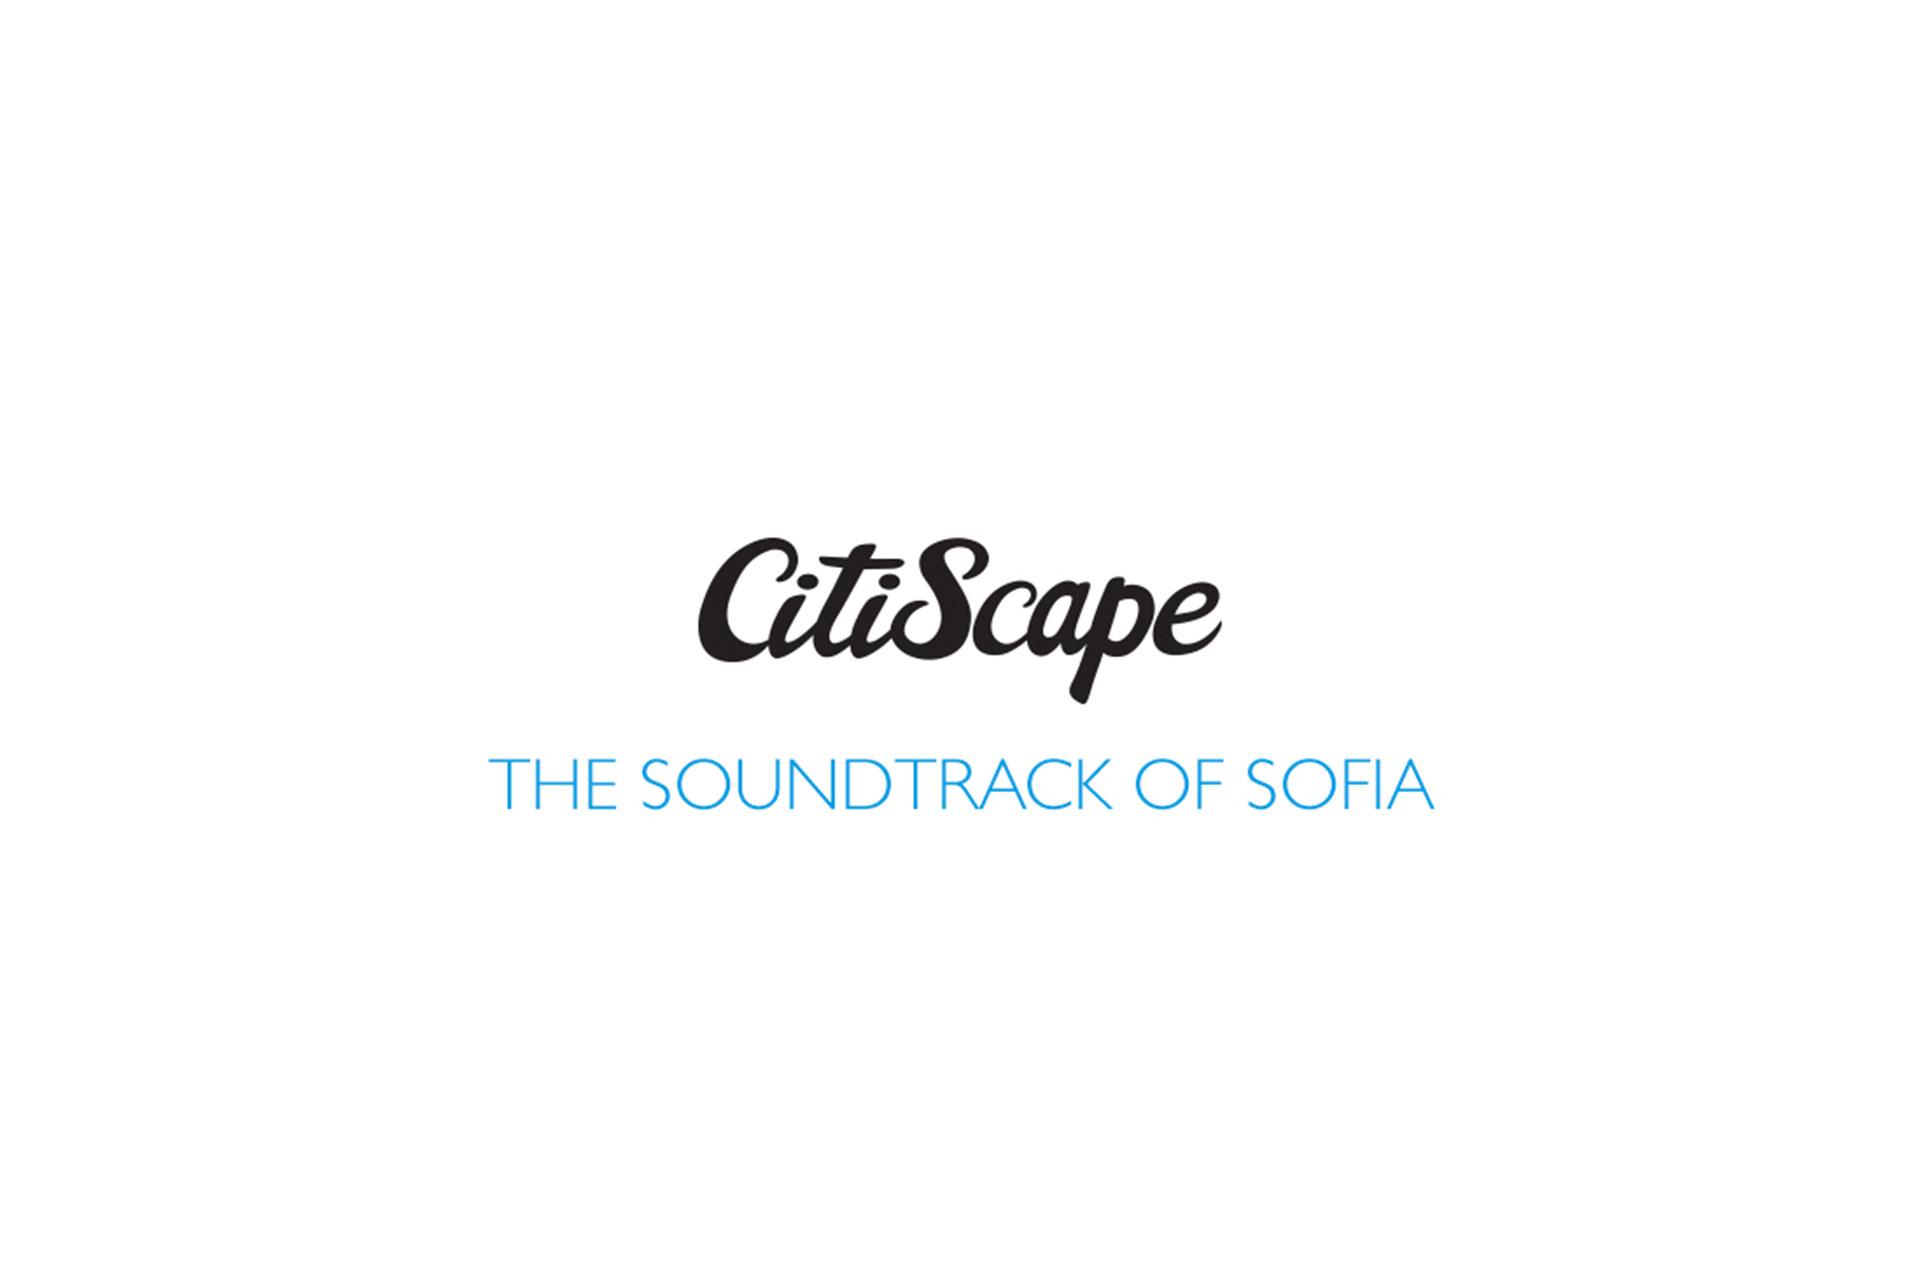 philips citiscape soundtrack of sofia event